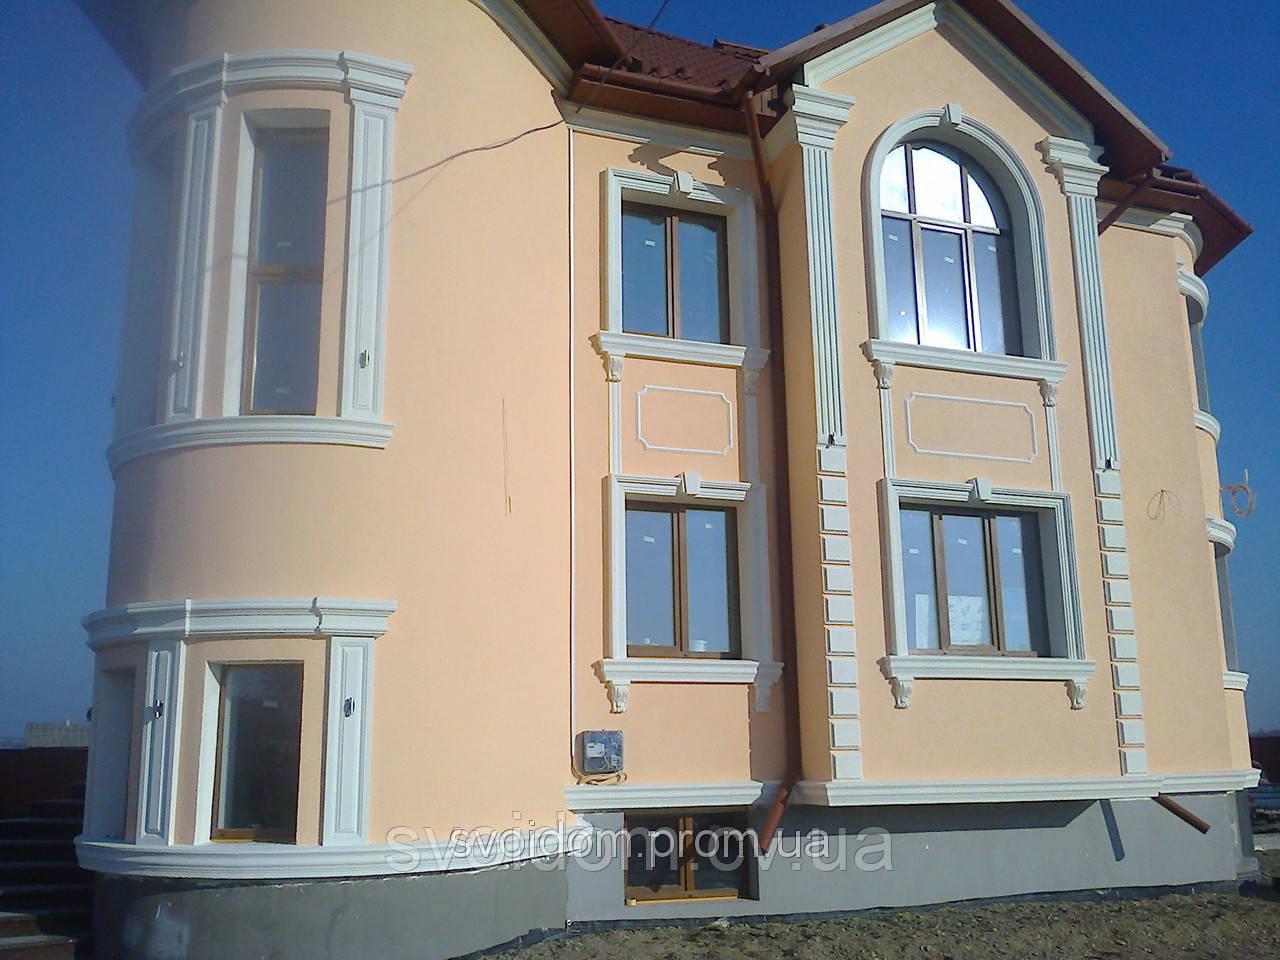 Строительство особняков и коттеджей по Черновцам и области, фото 1